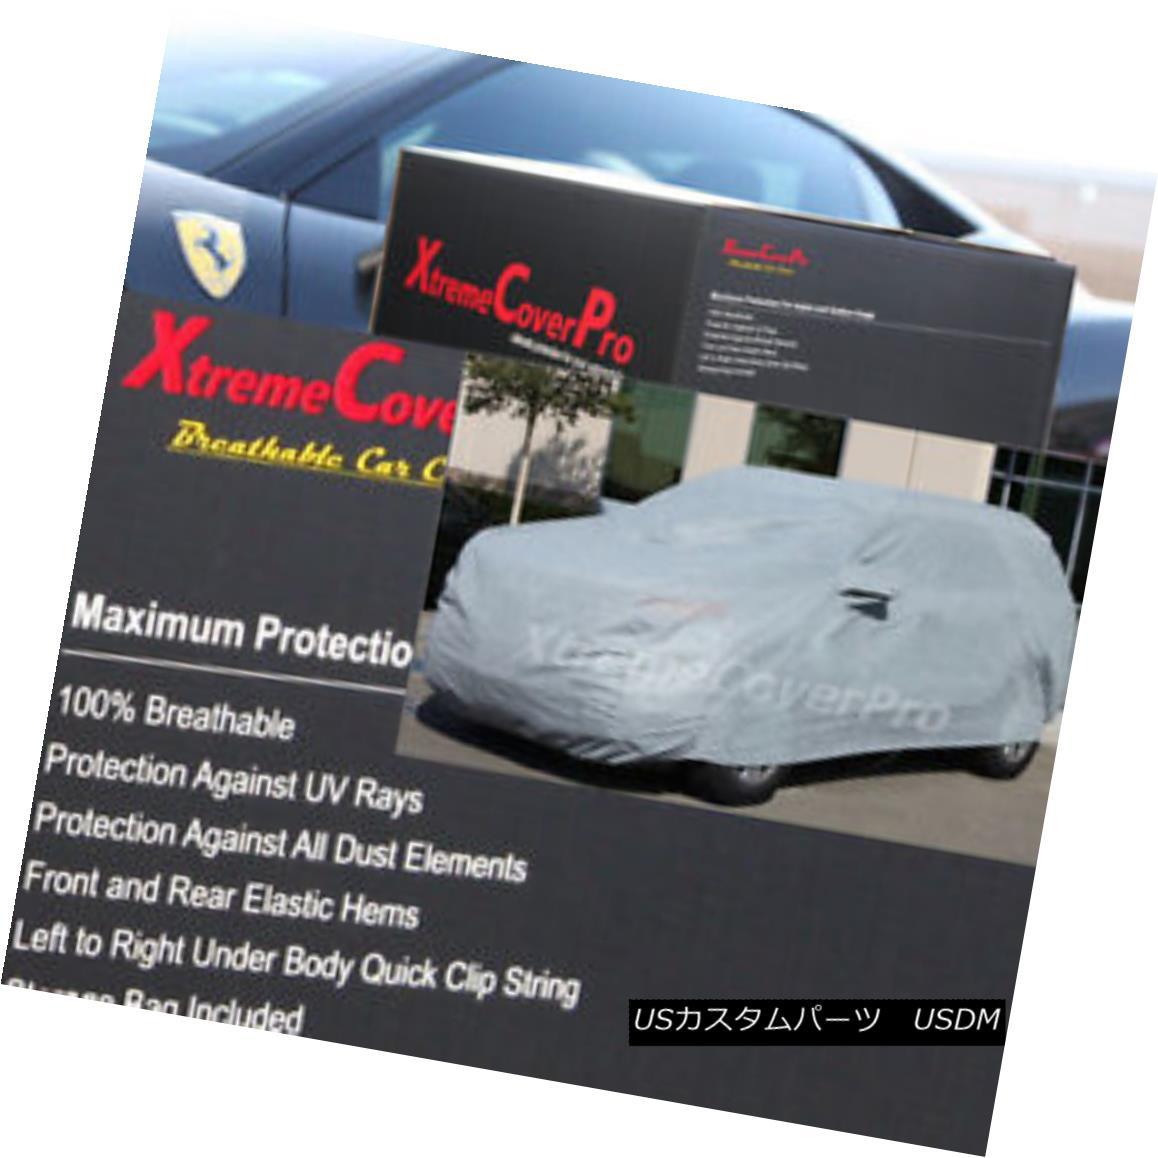 カーカバー 2016 2017 2018 GMC TERRAIN BREATHABLE CAR COVER W/MIRROR POCKET - GREY 2016 2017 2018 GMC TERRAINブレークポイント車カバー/ミラーポケット - グレー